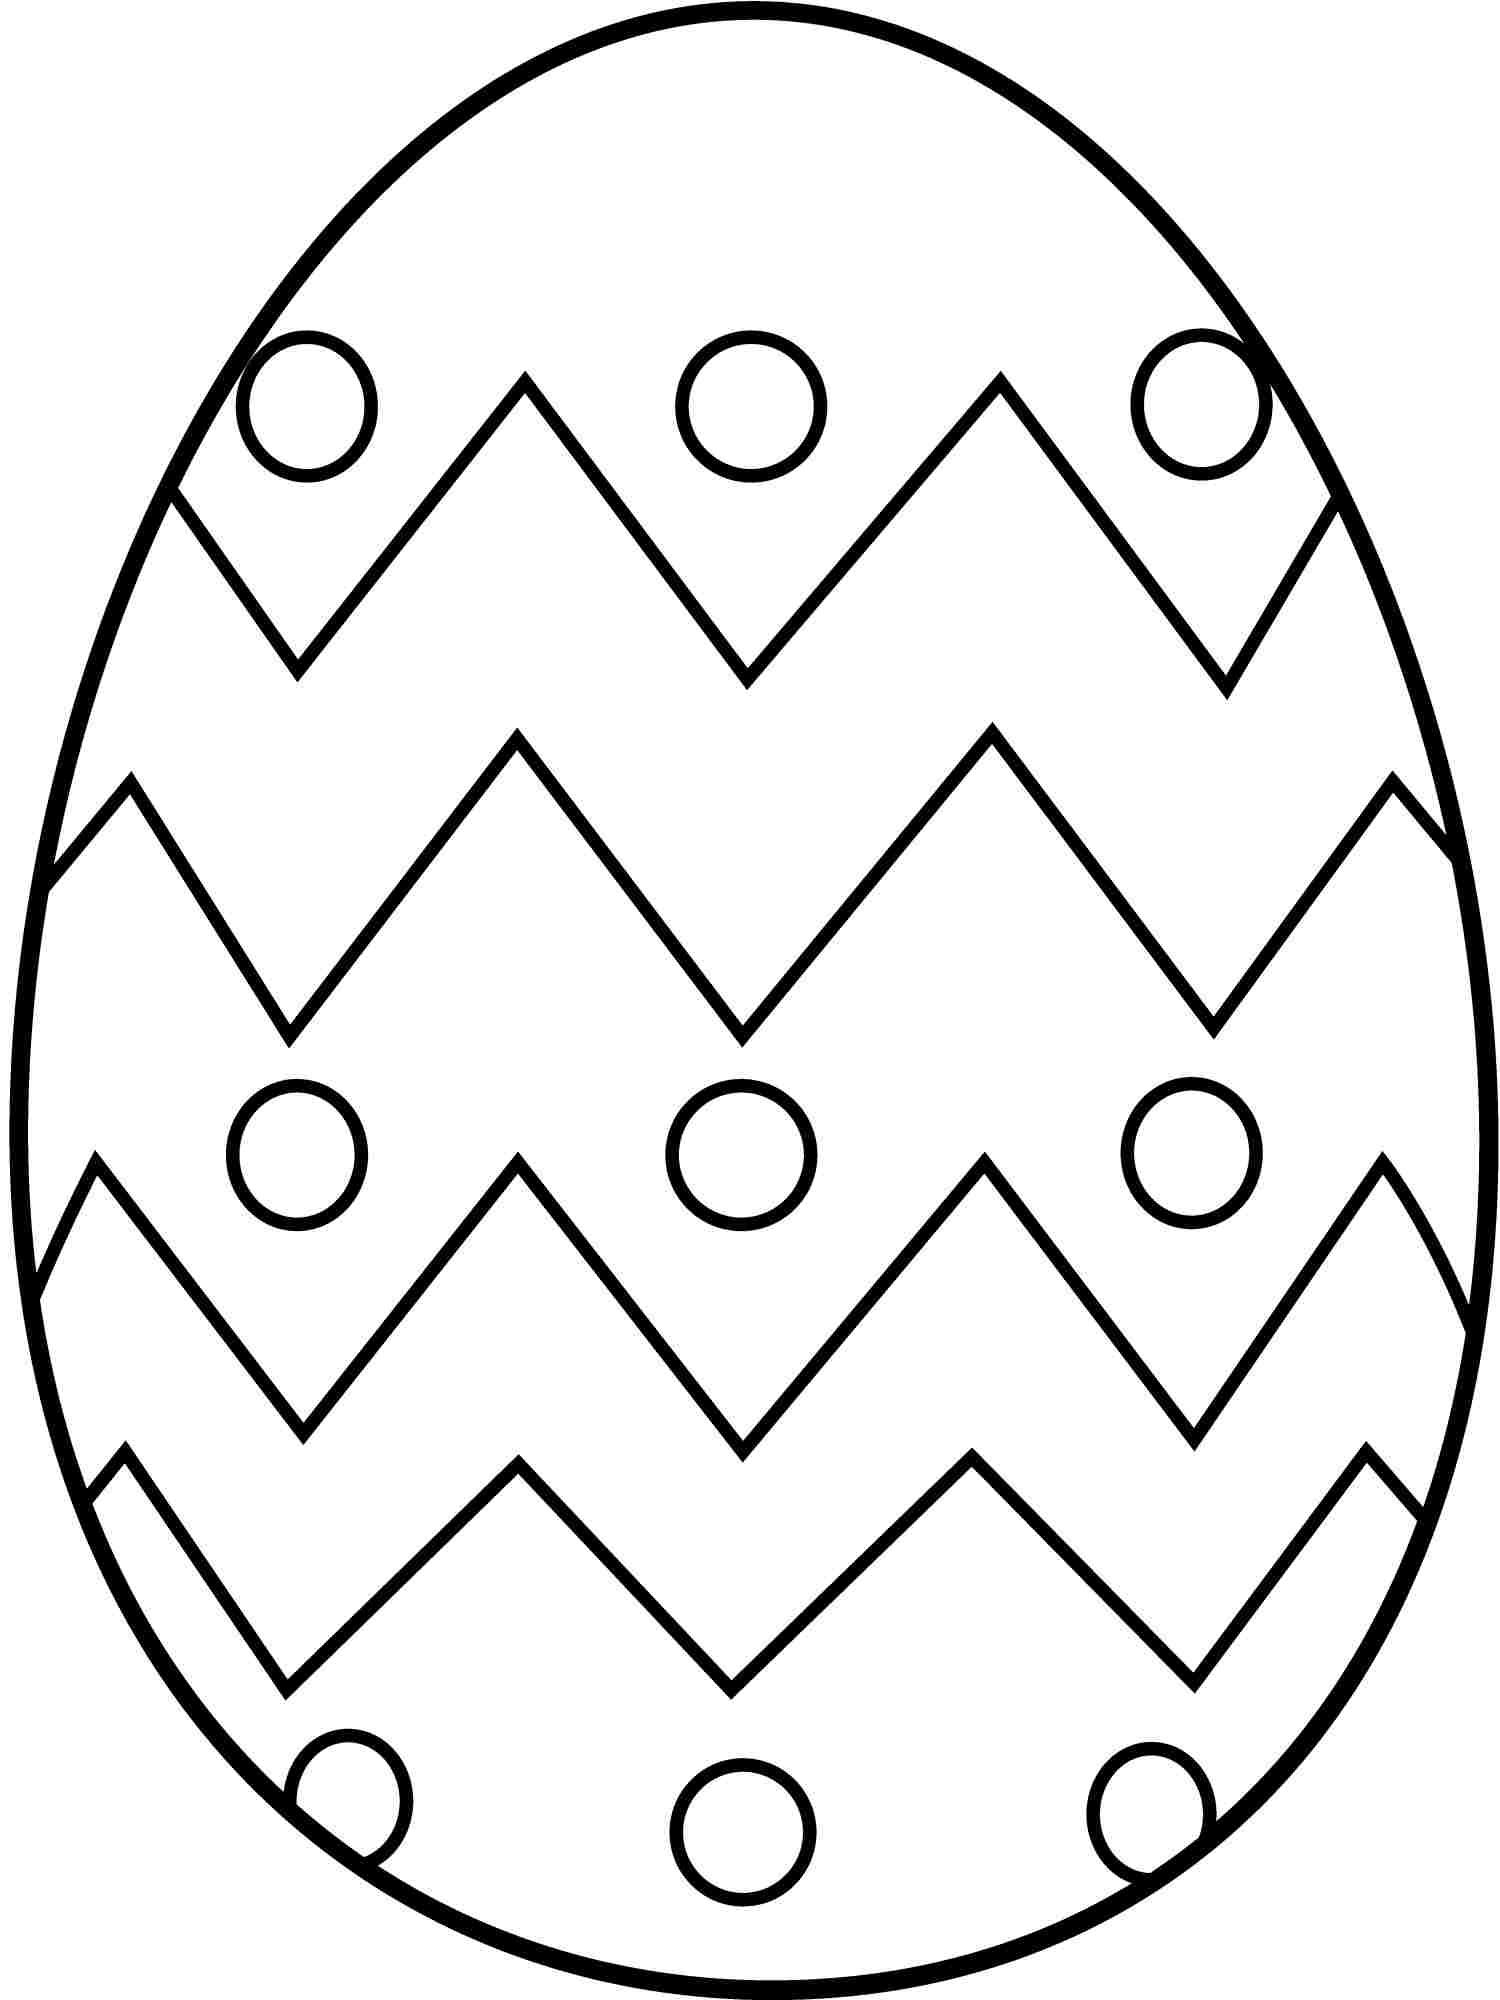 Full Pageeaster Egg Clip Art